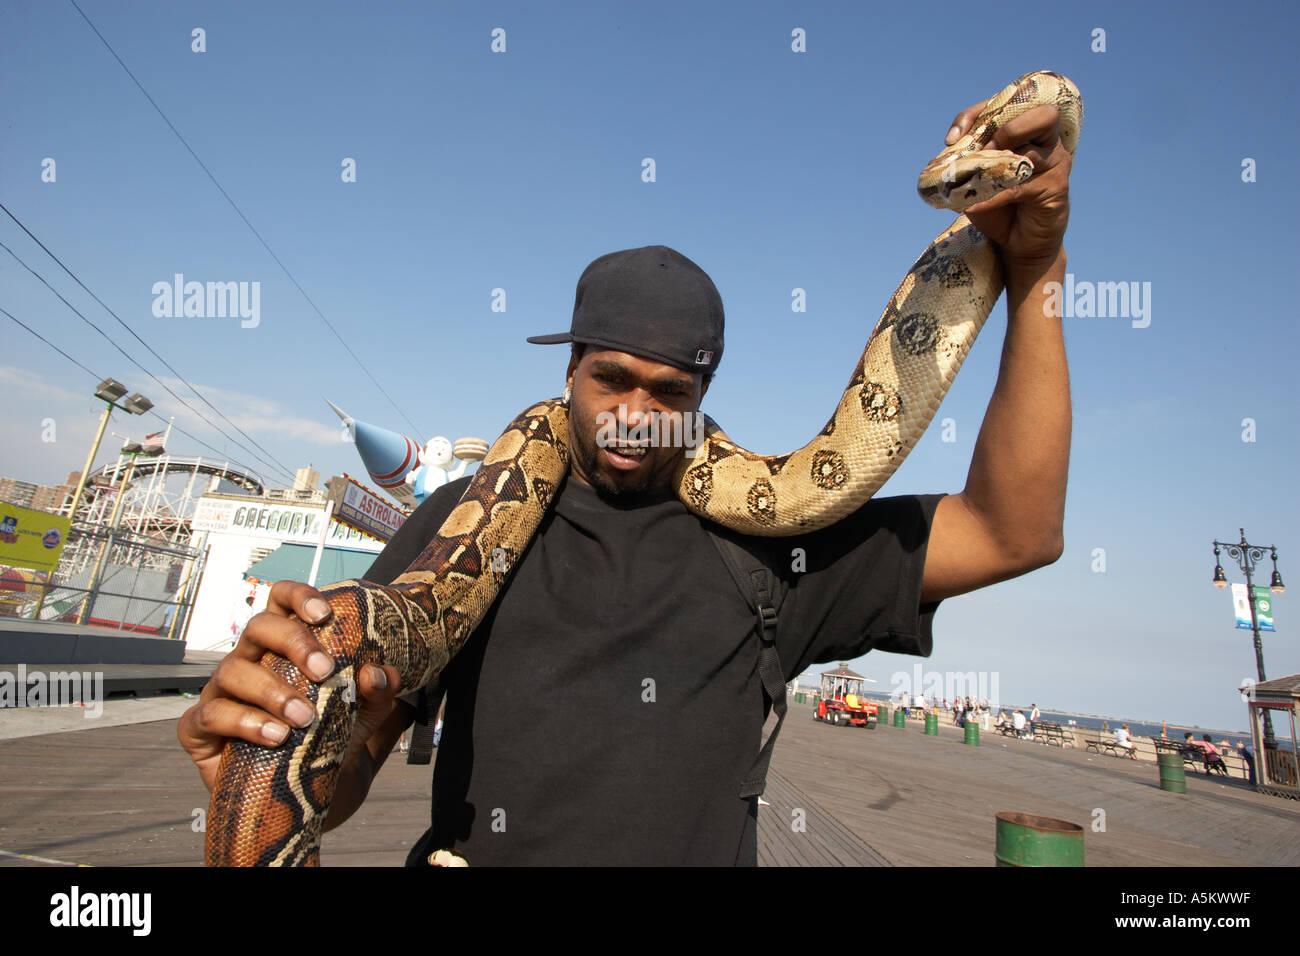 L'homme avec l'animal python sur la promenade à Coney Island Banque D'Images